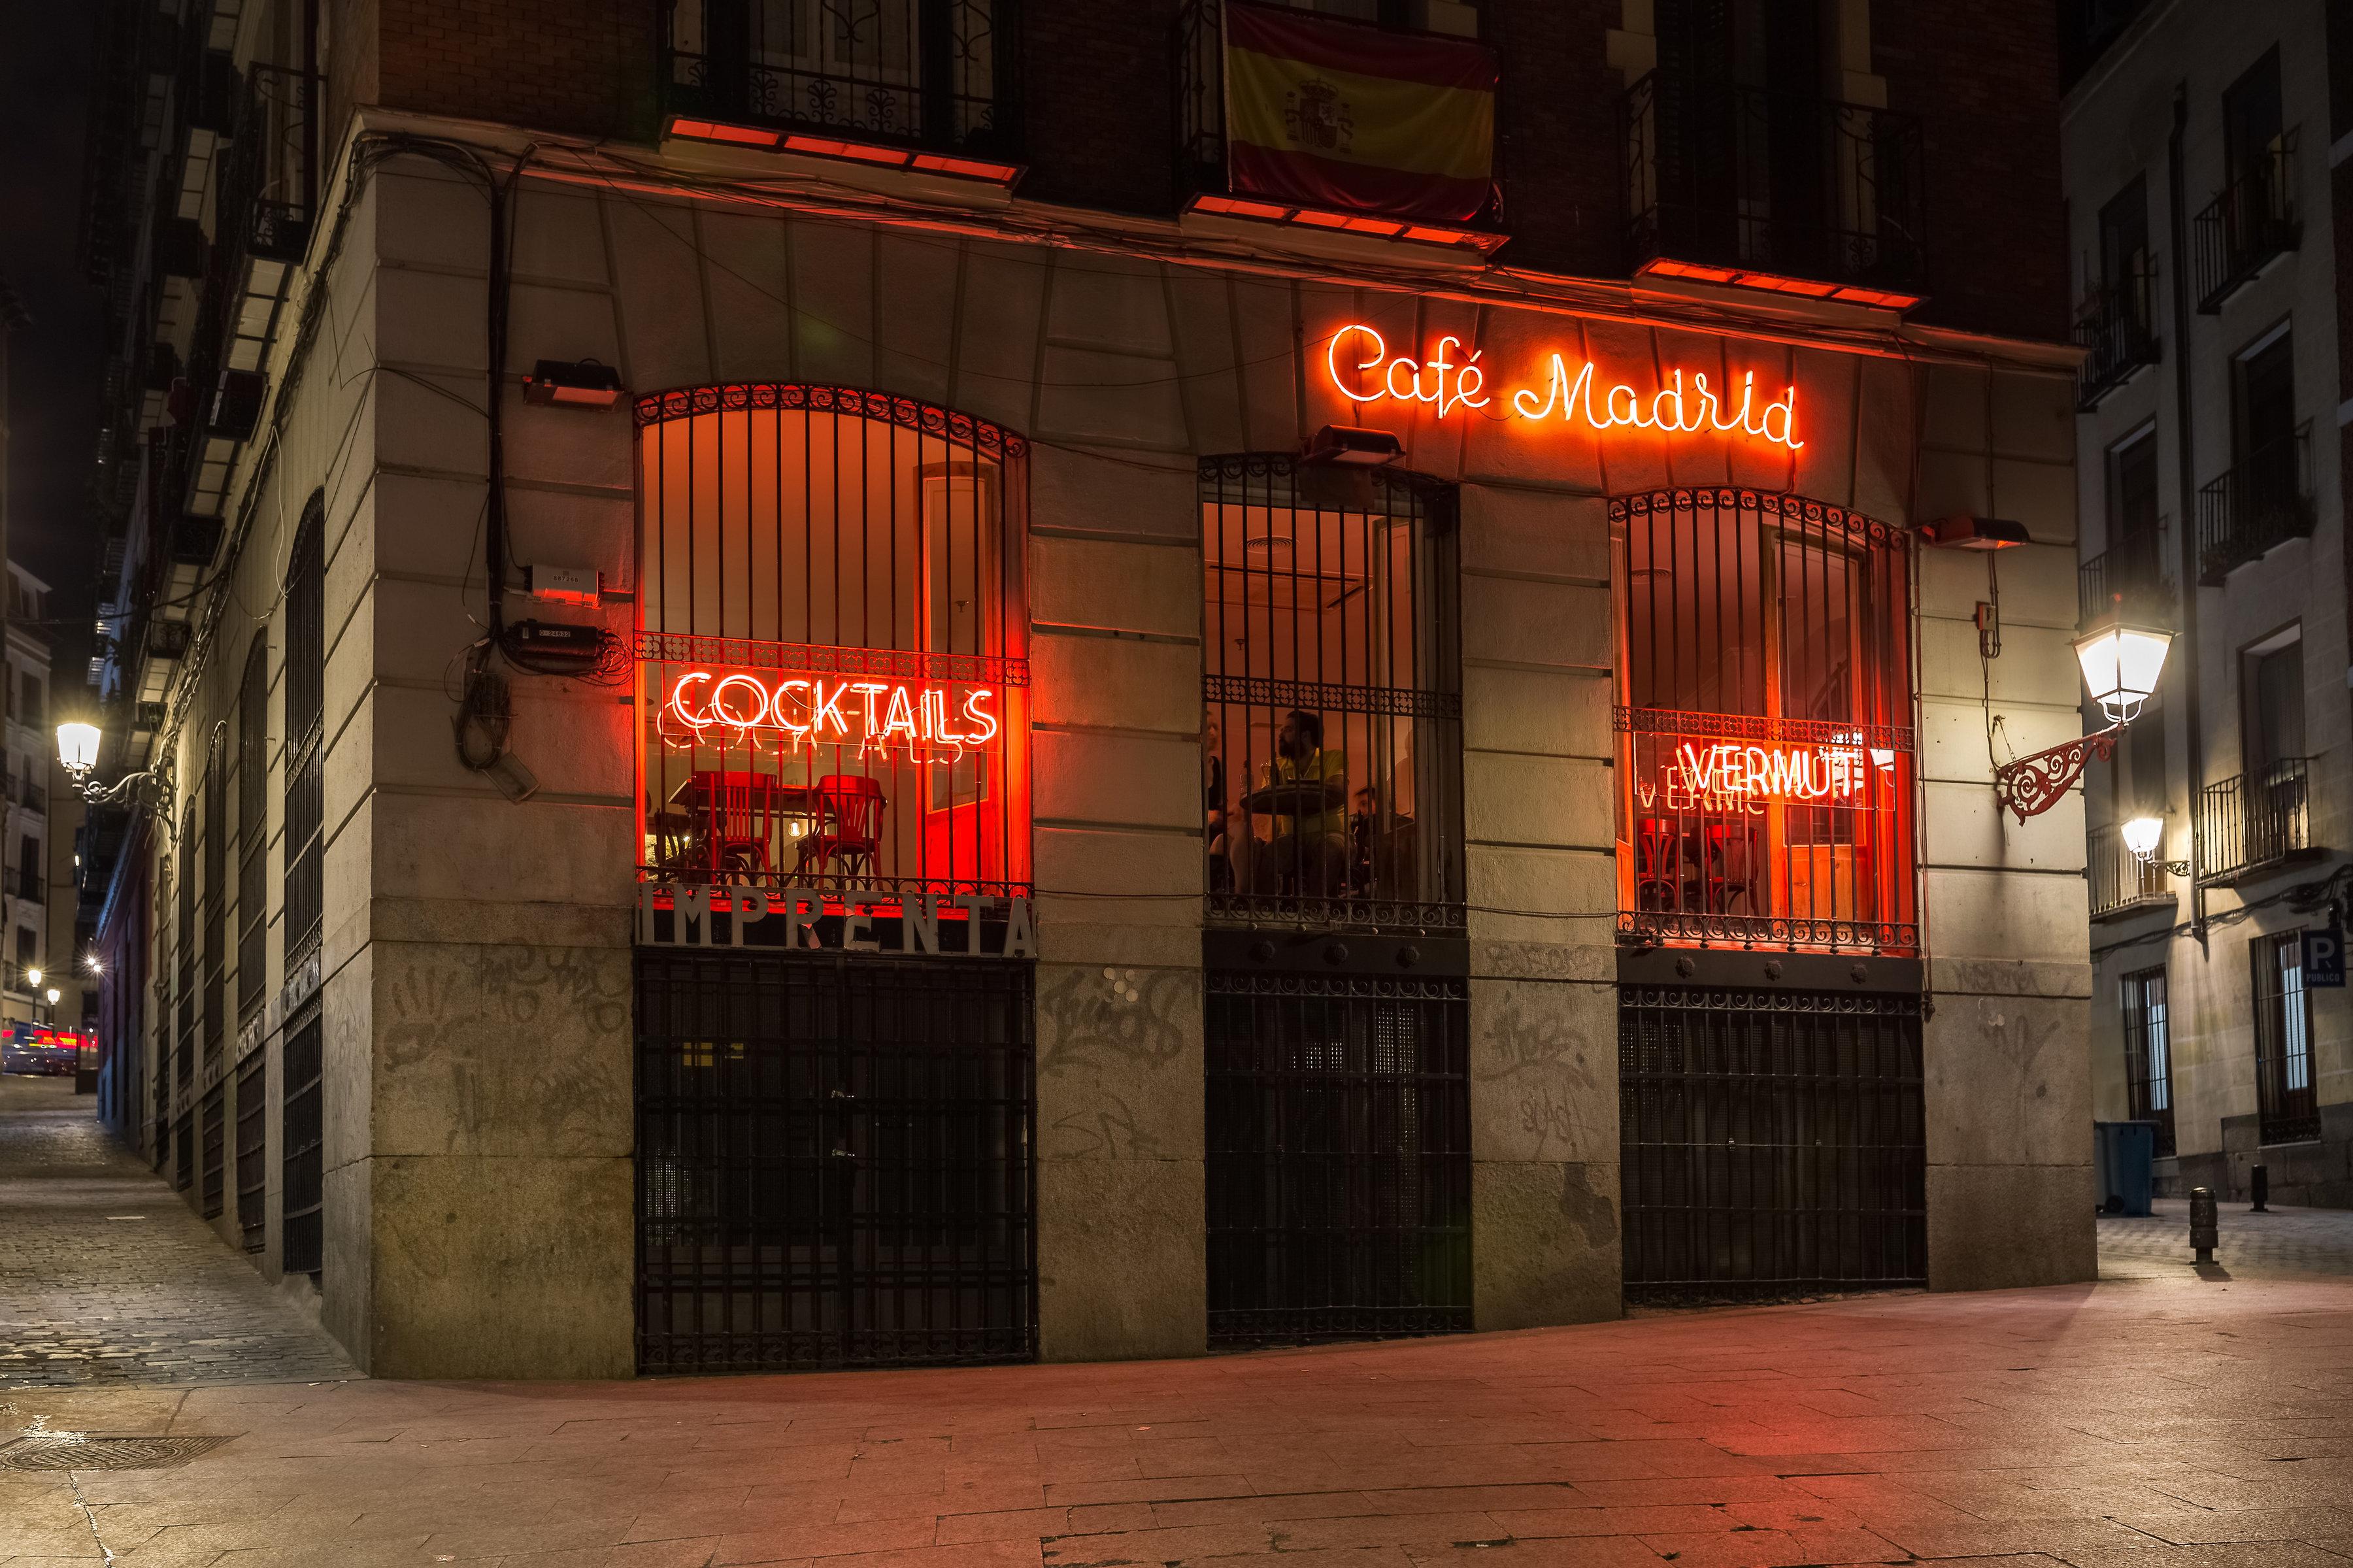 Café Madrid (2)